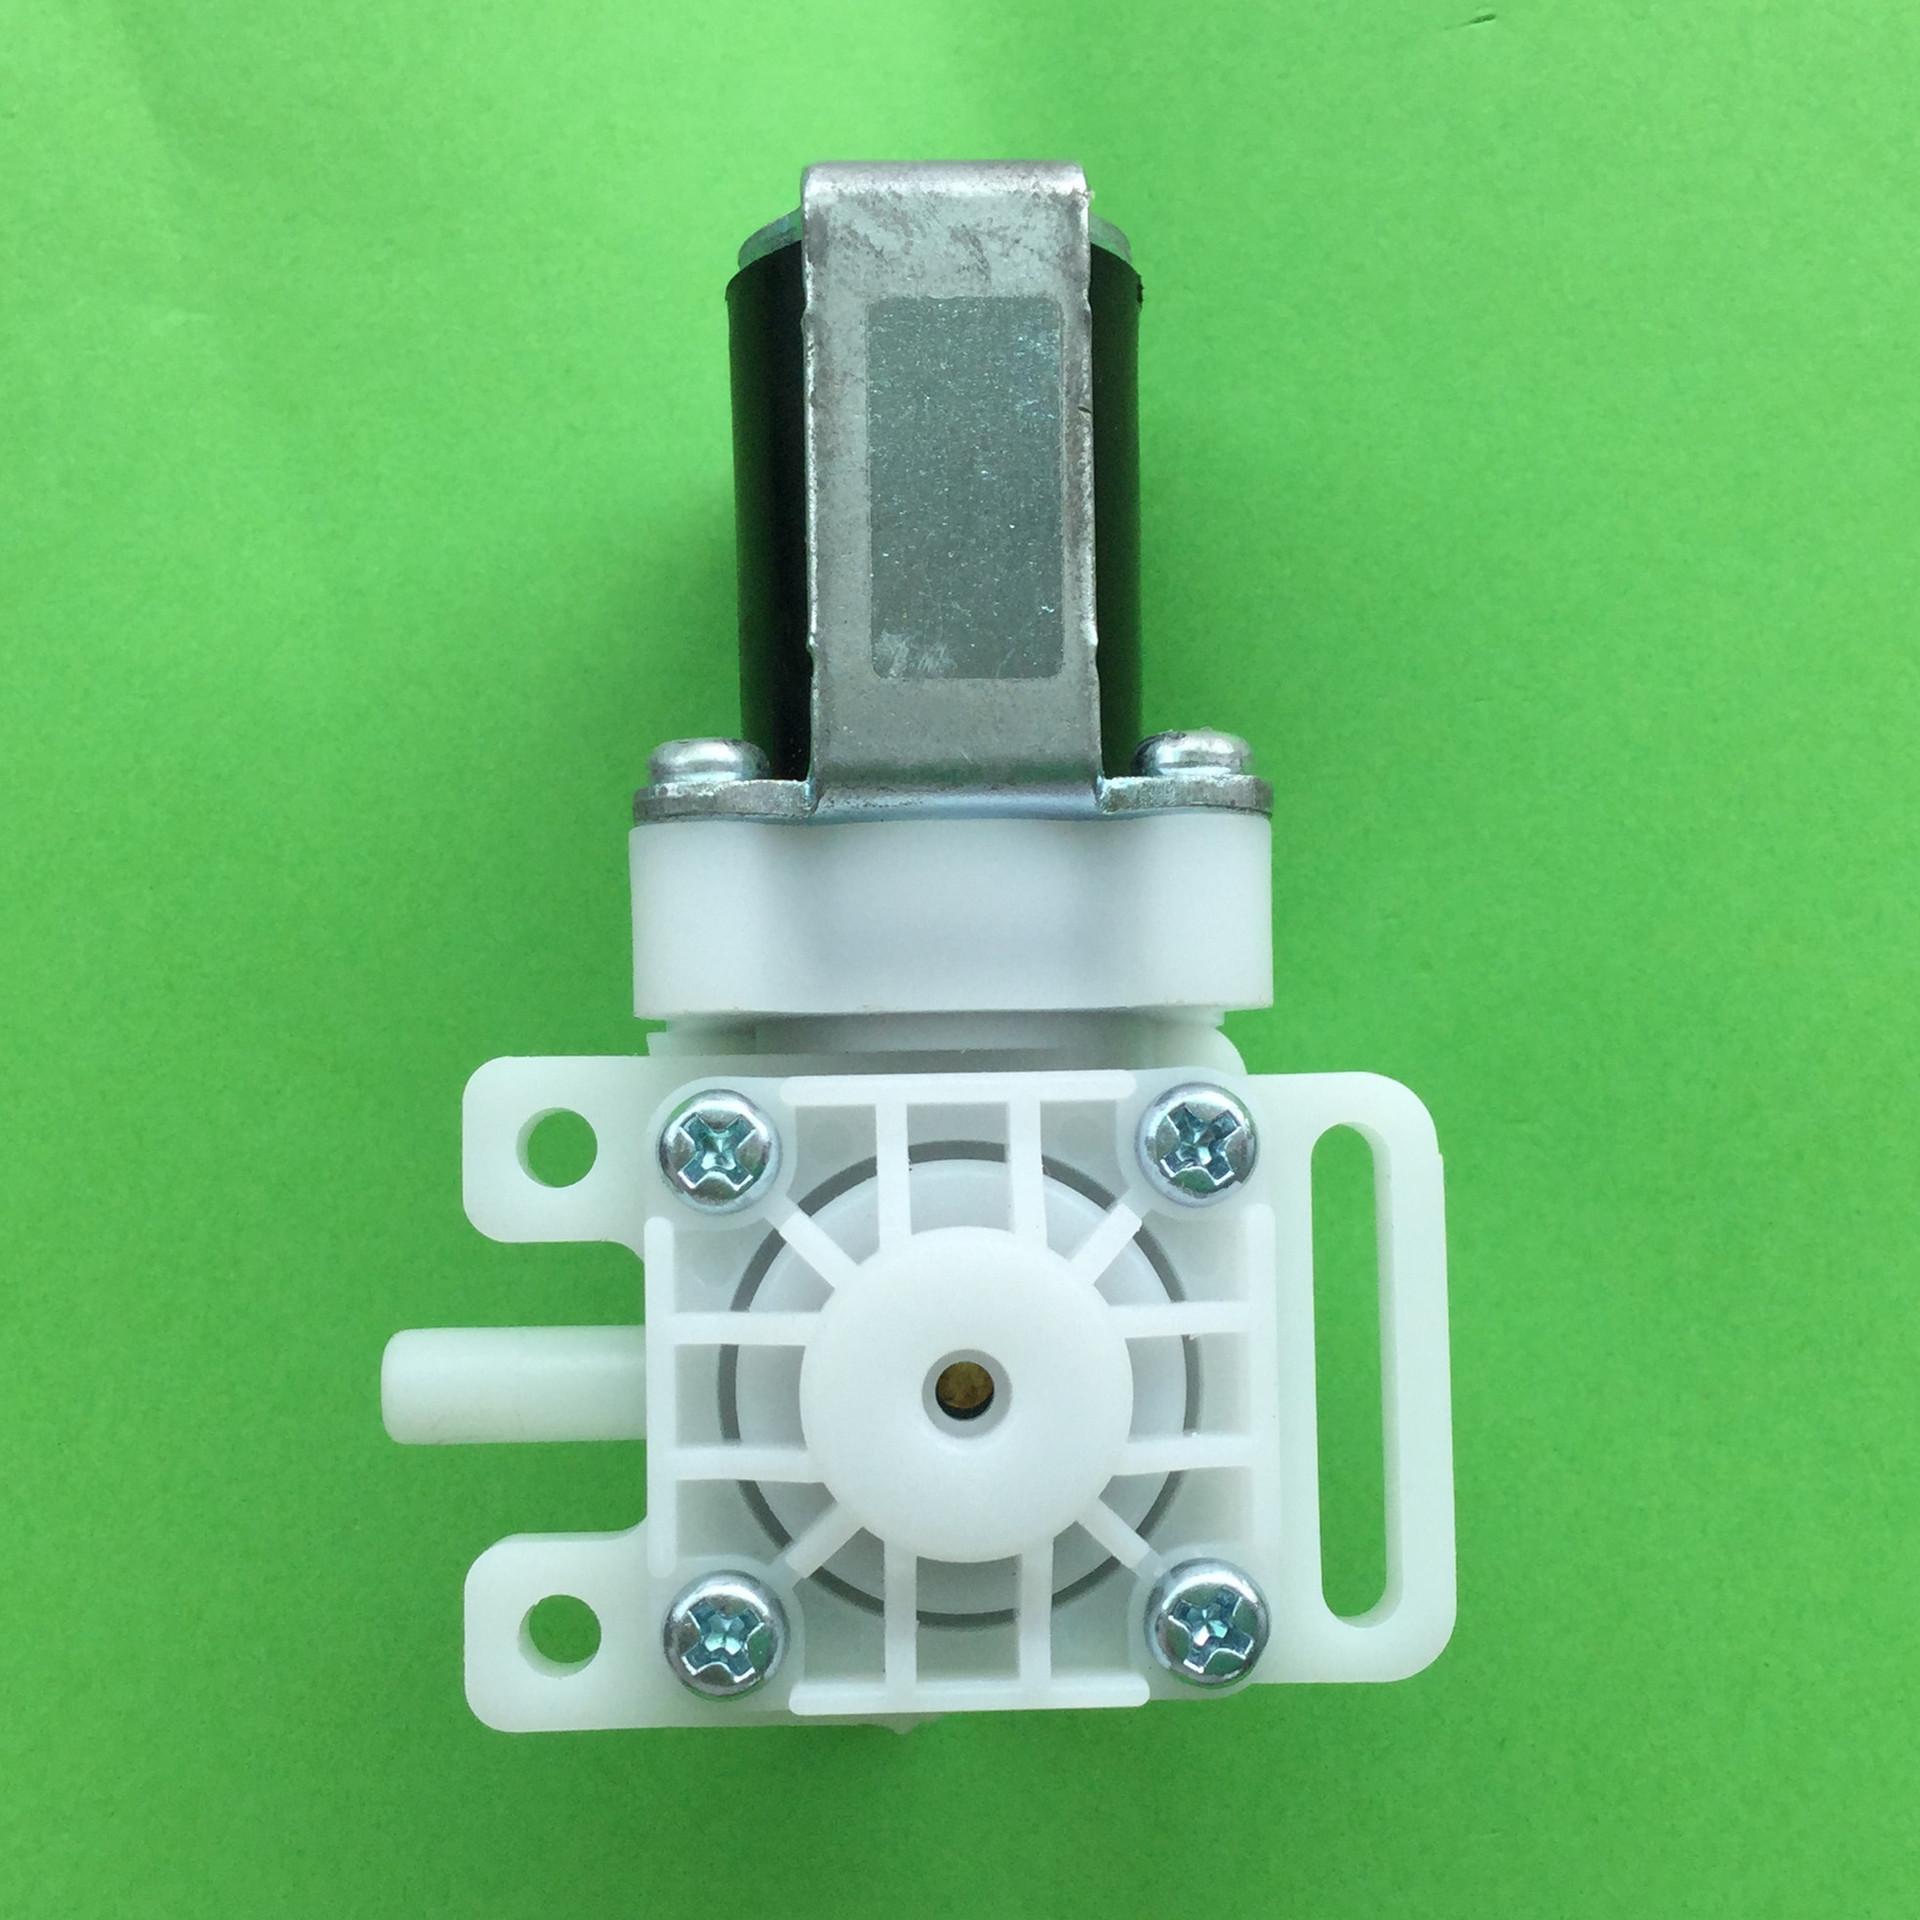 坐便器减压阀稳压阀进水电磁阀 智能马桶坐便盖电磁阀图片